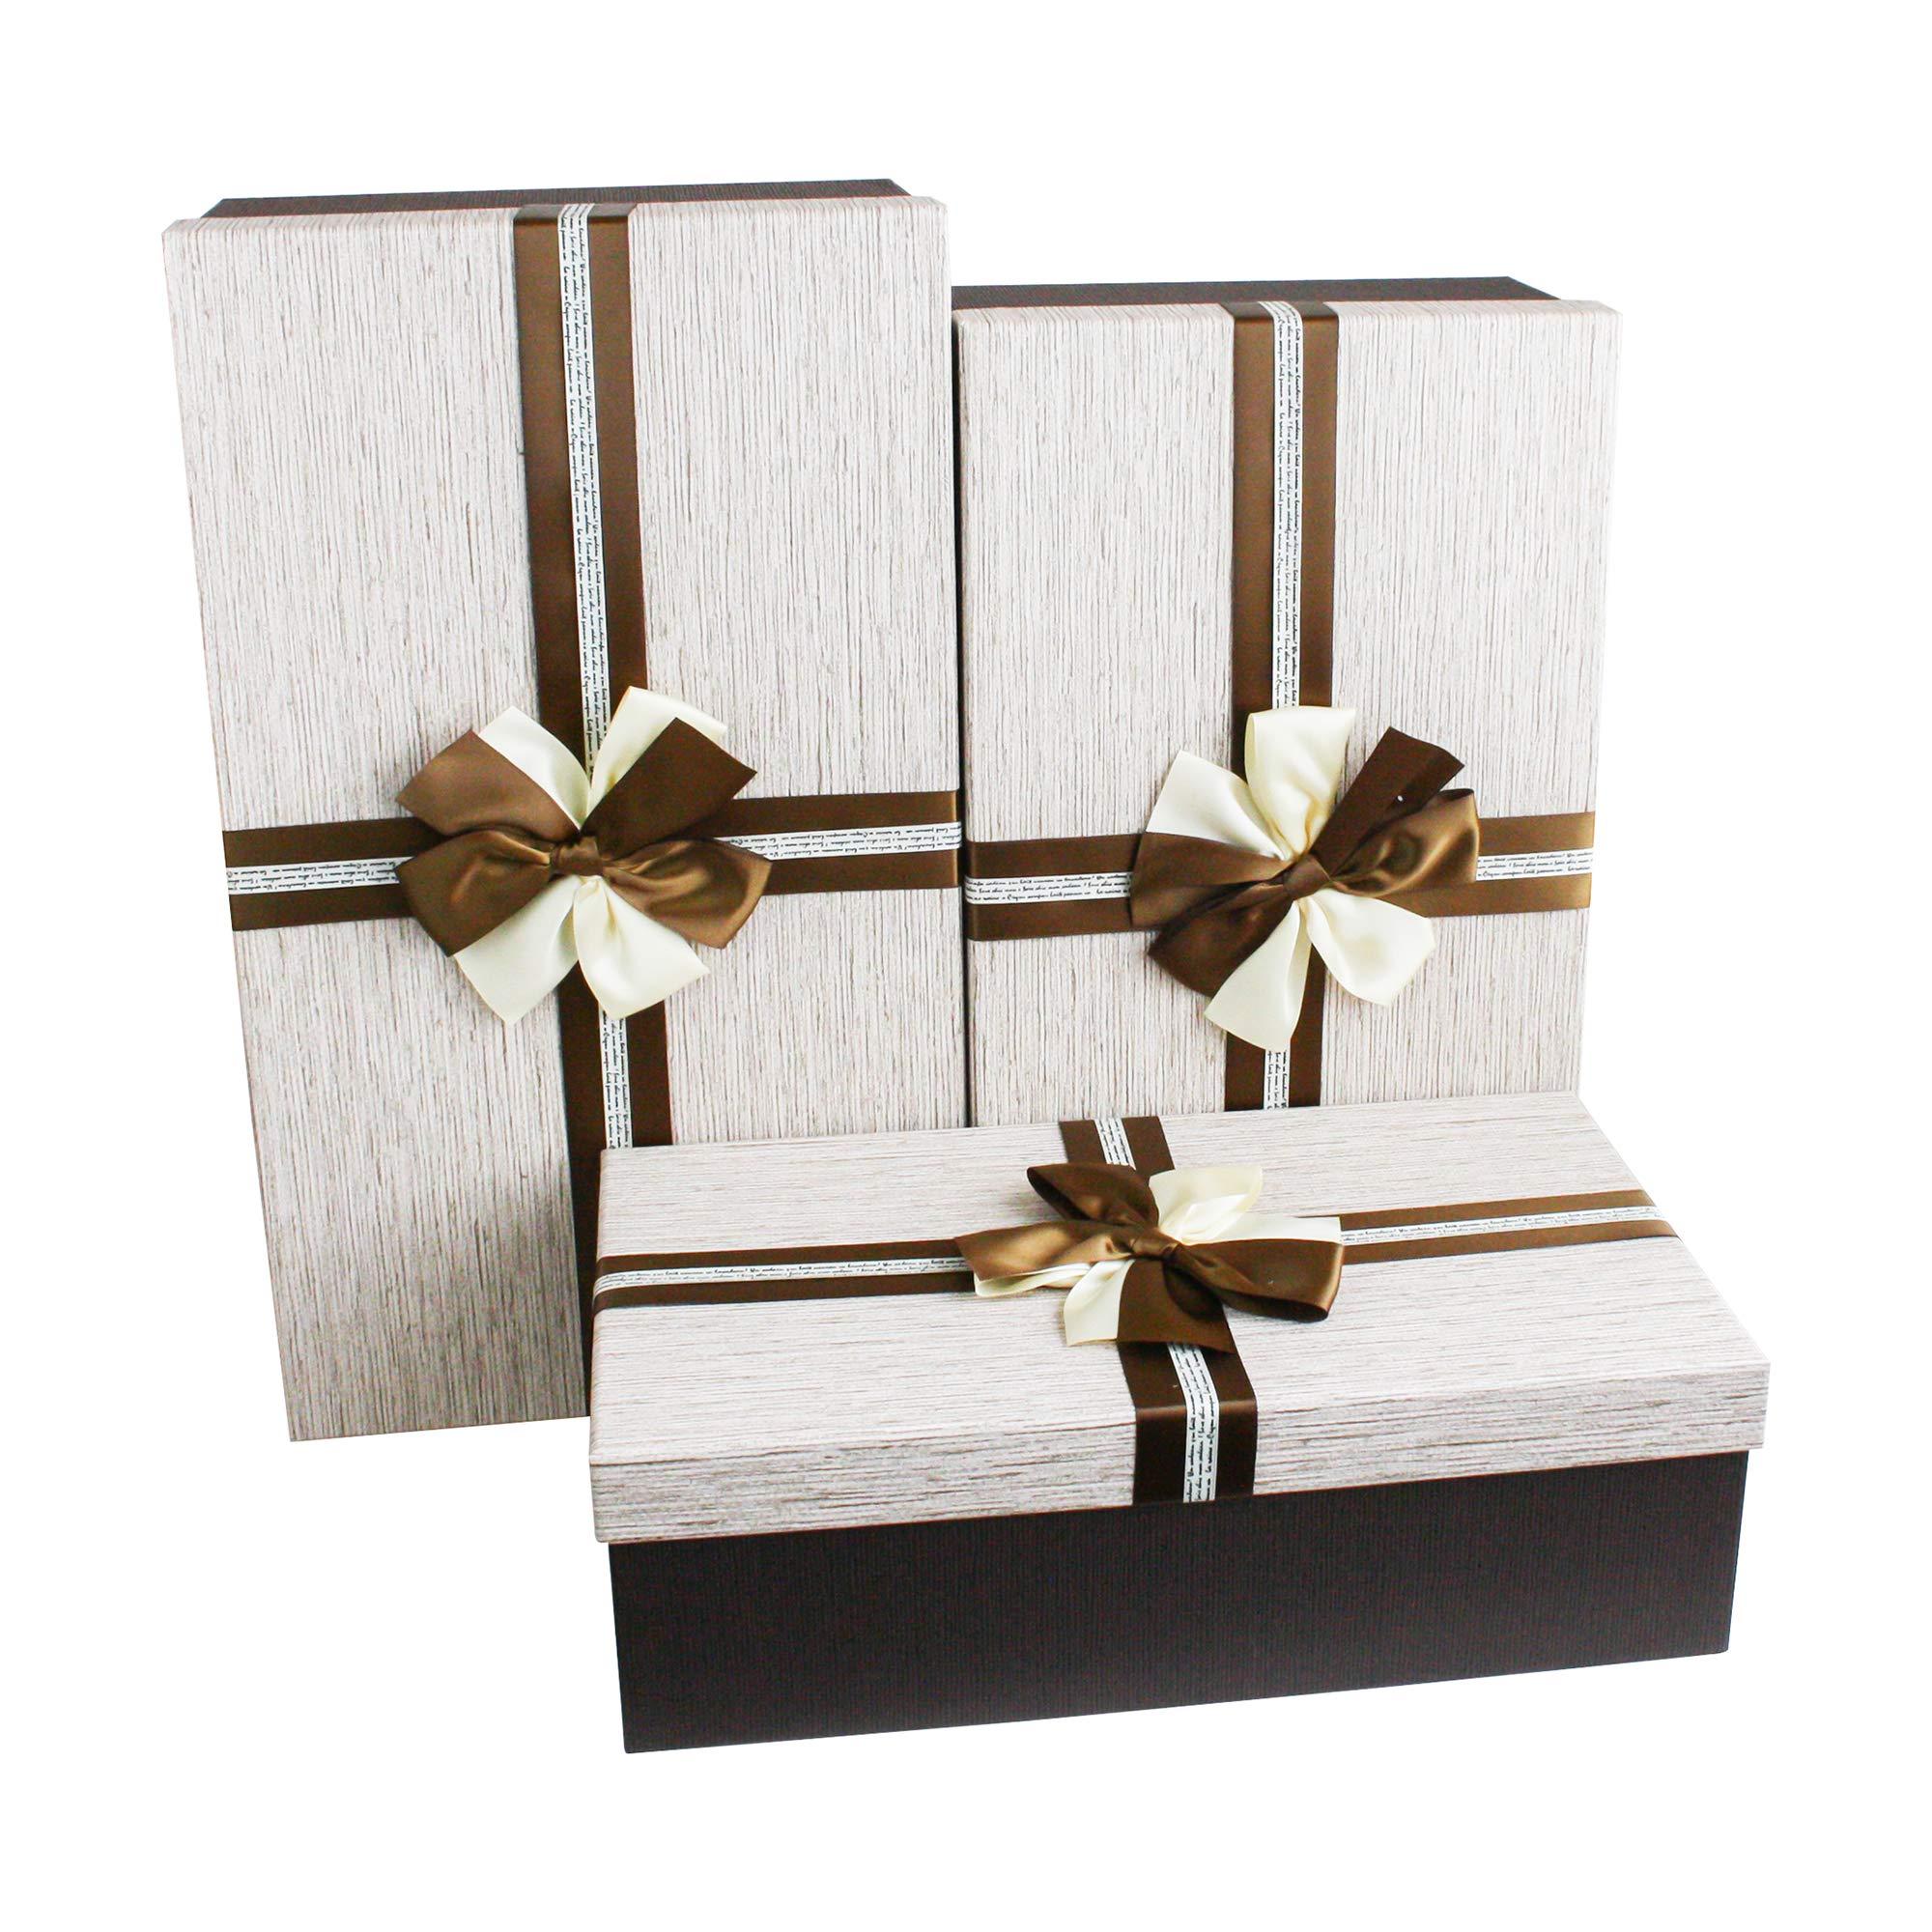 Emartbuy Conjunto de 3 Rígido Lujo en Forma Rectángulo de Presentación Caja de Regalo, Caja Marrón Con Tapa Crema, Interior Marrón Chocolate y Lazo de Cinta Decorativo de Dos Tonos: Amazon.es: Oficina